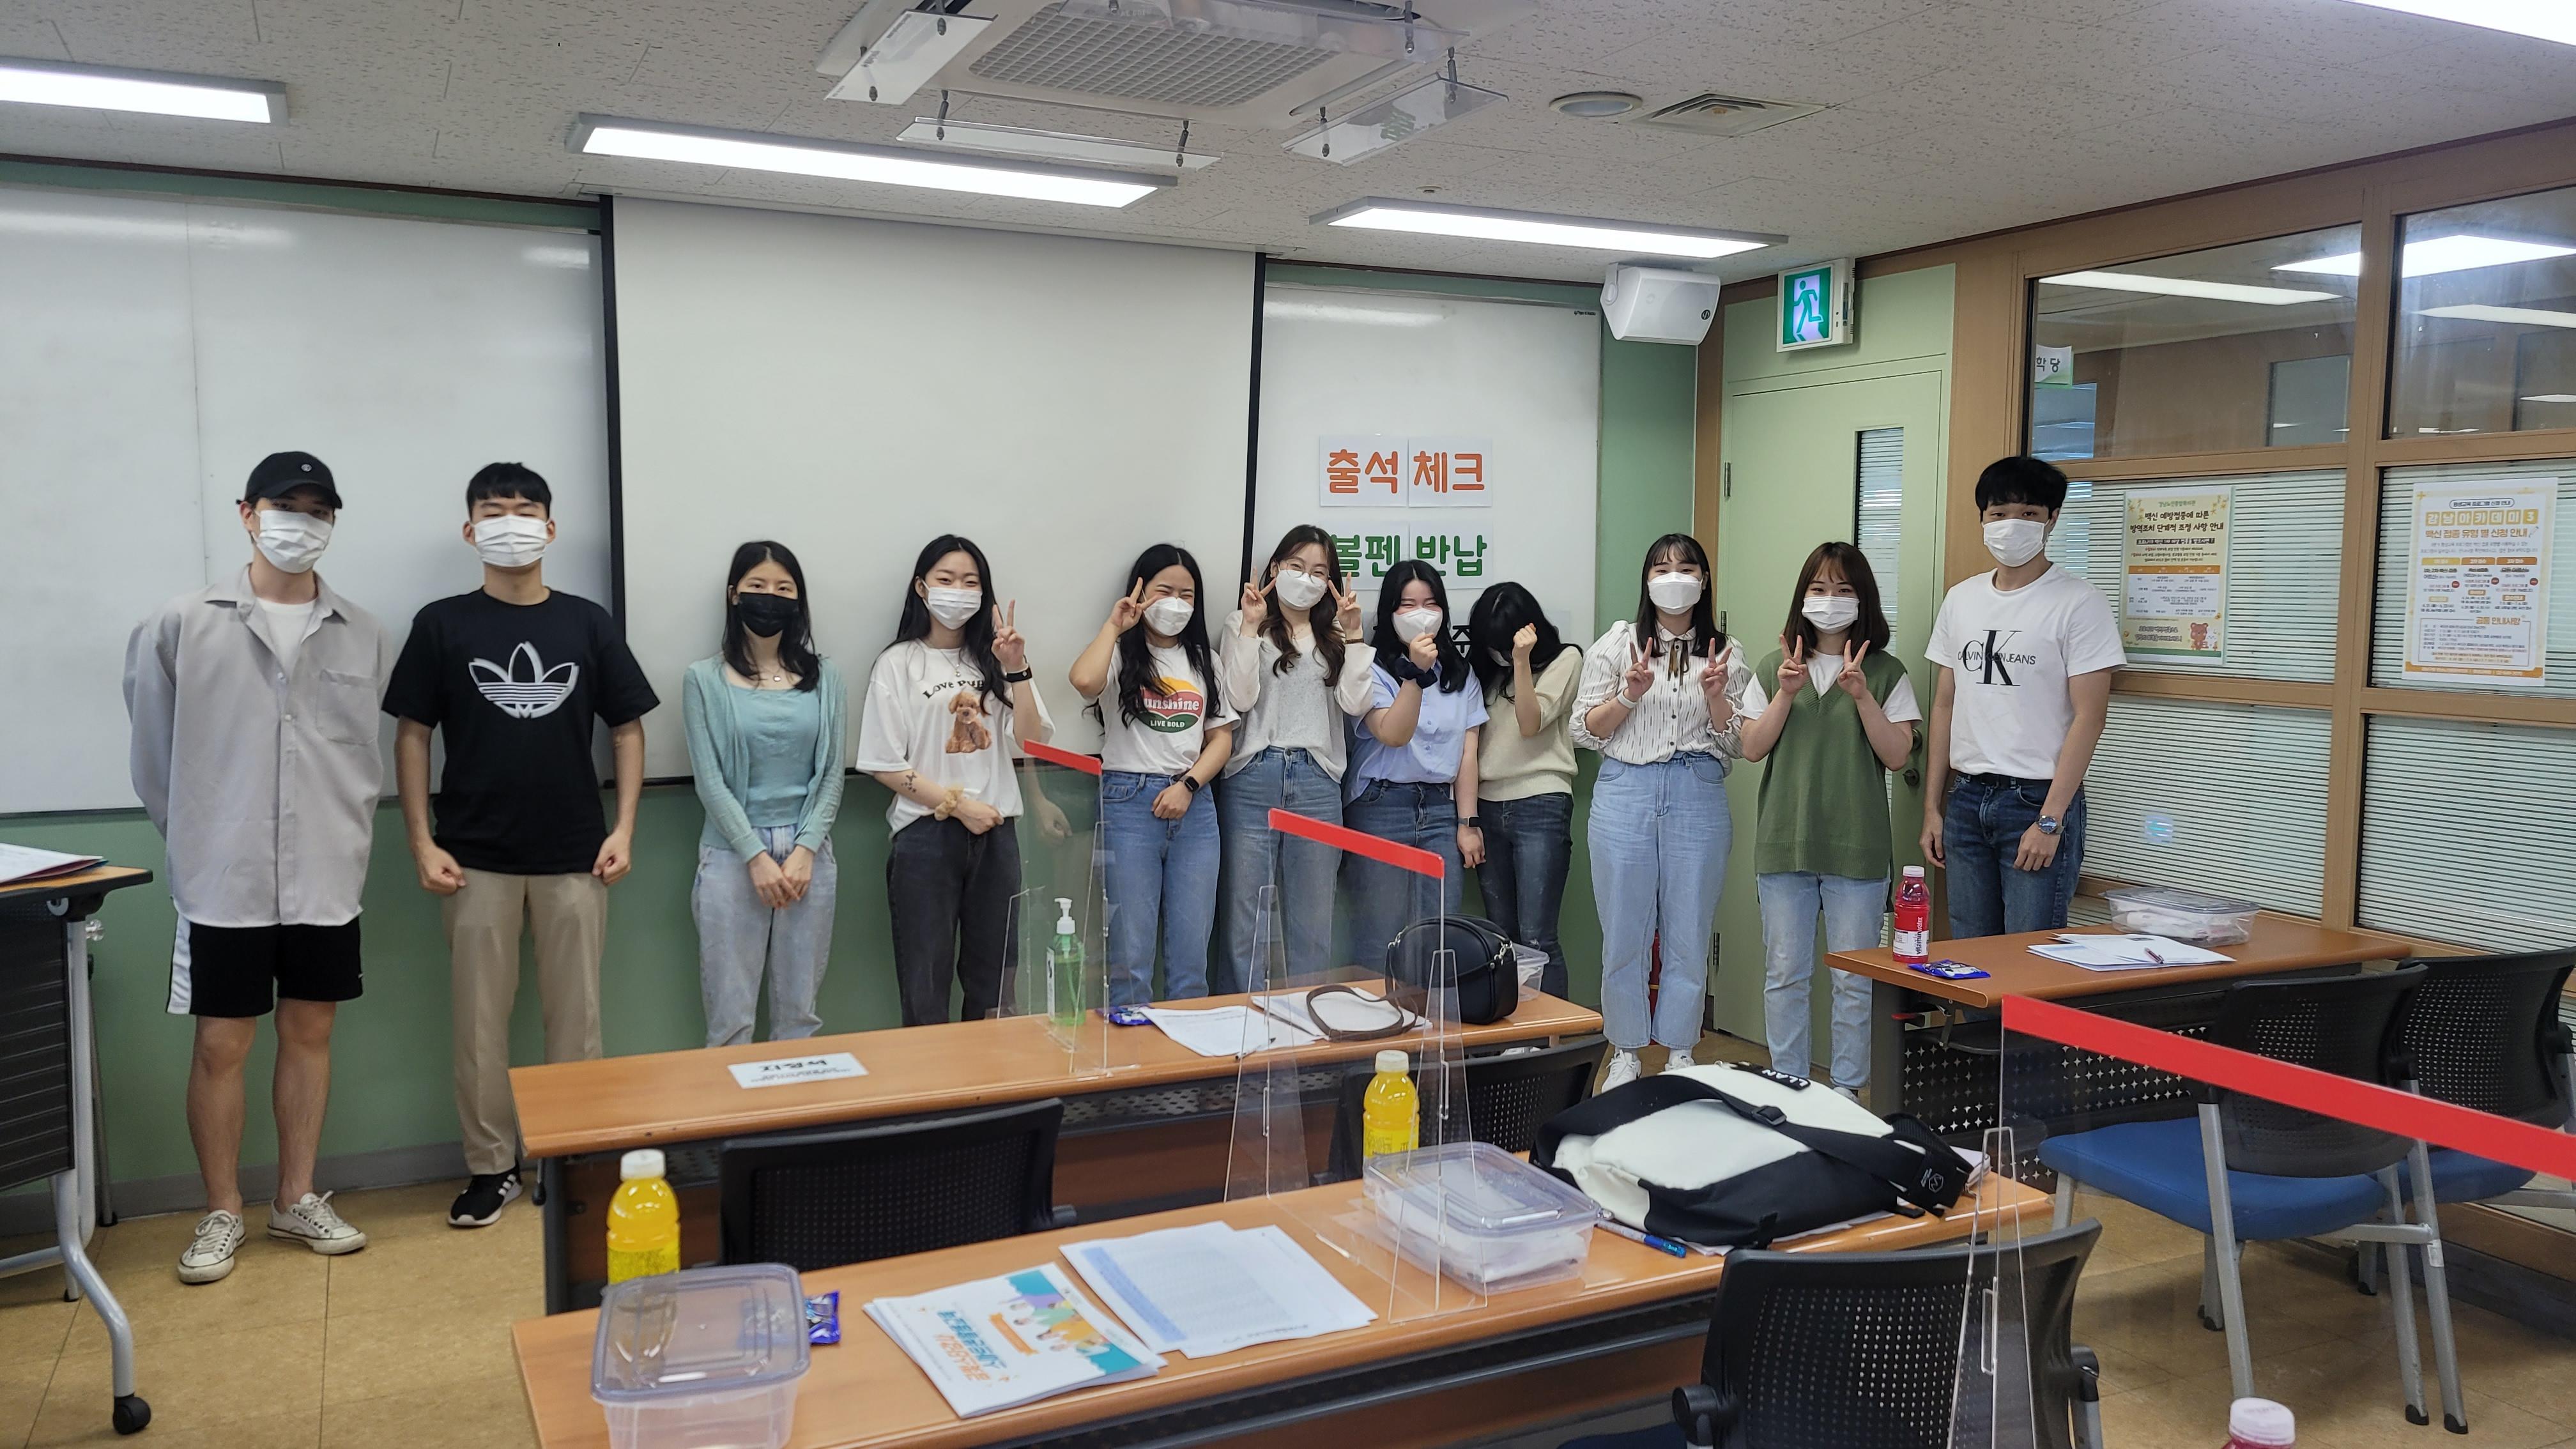 [70+특화사업]금빛스타강사 대학생 서포터즈 OT 진행